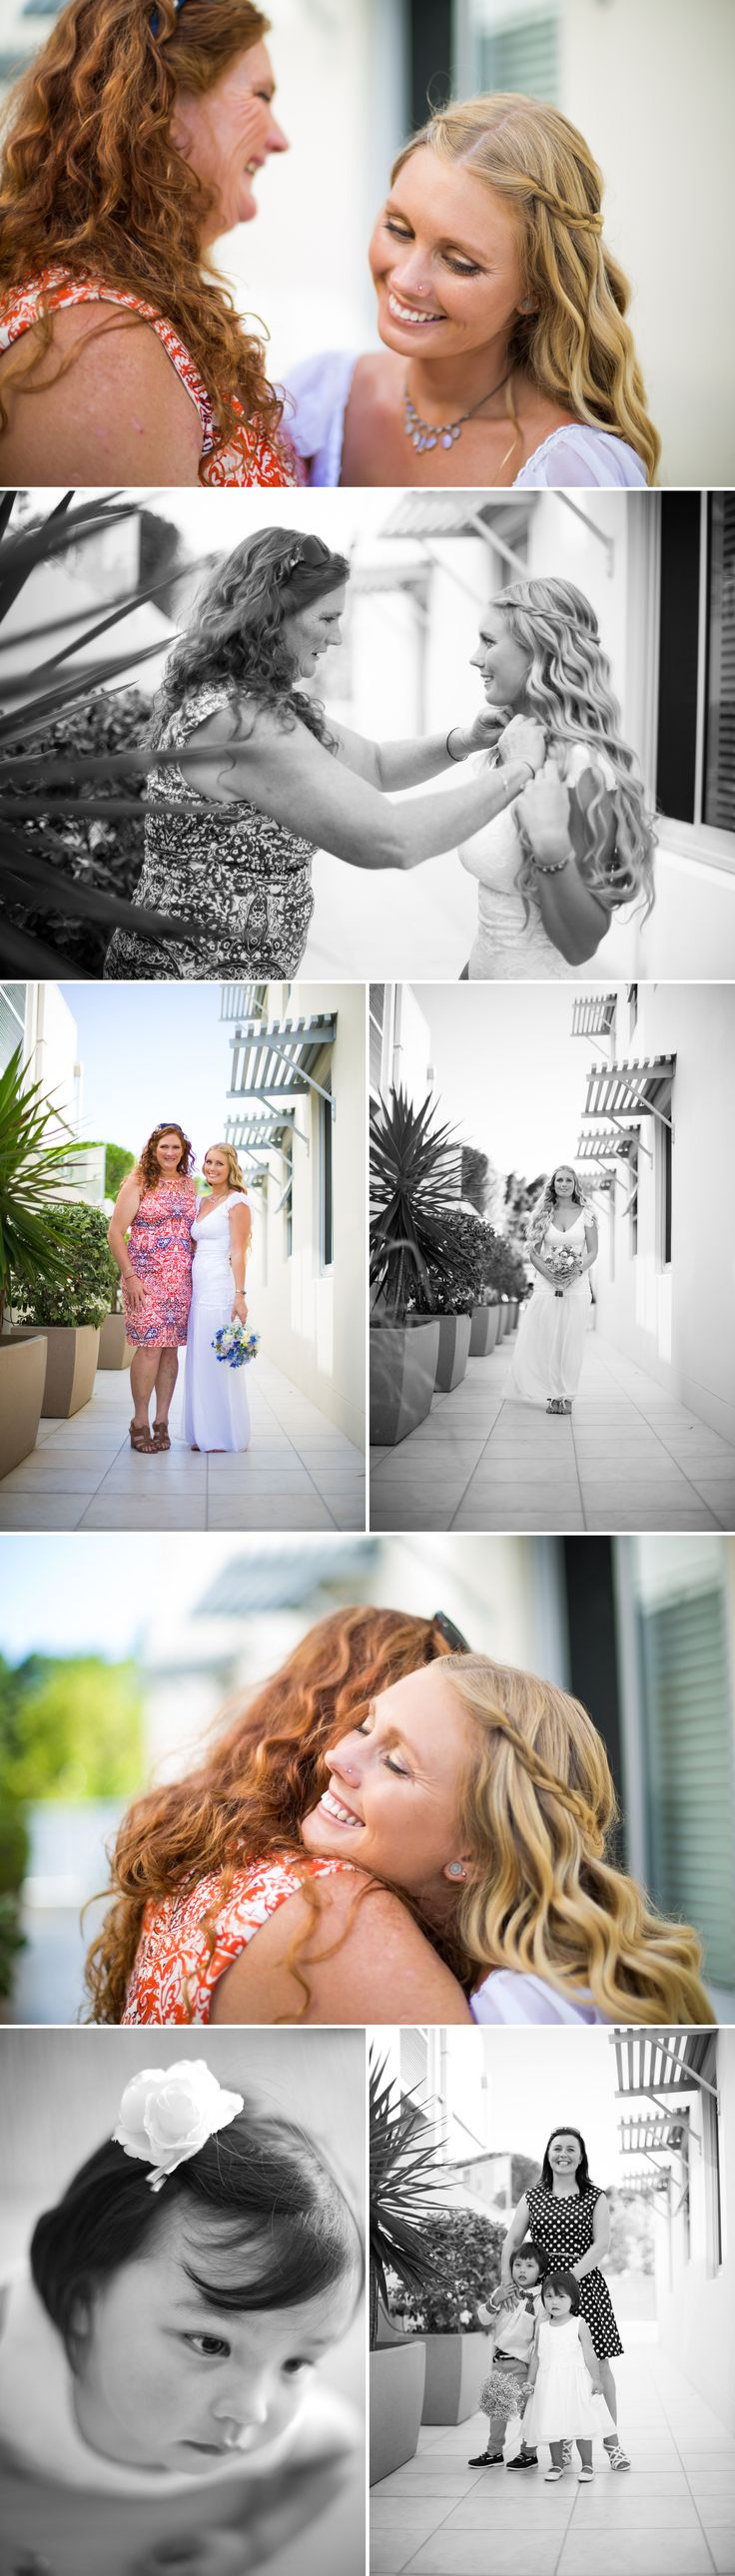 Noosa Wedding photographer 8